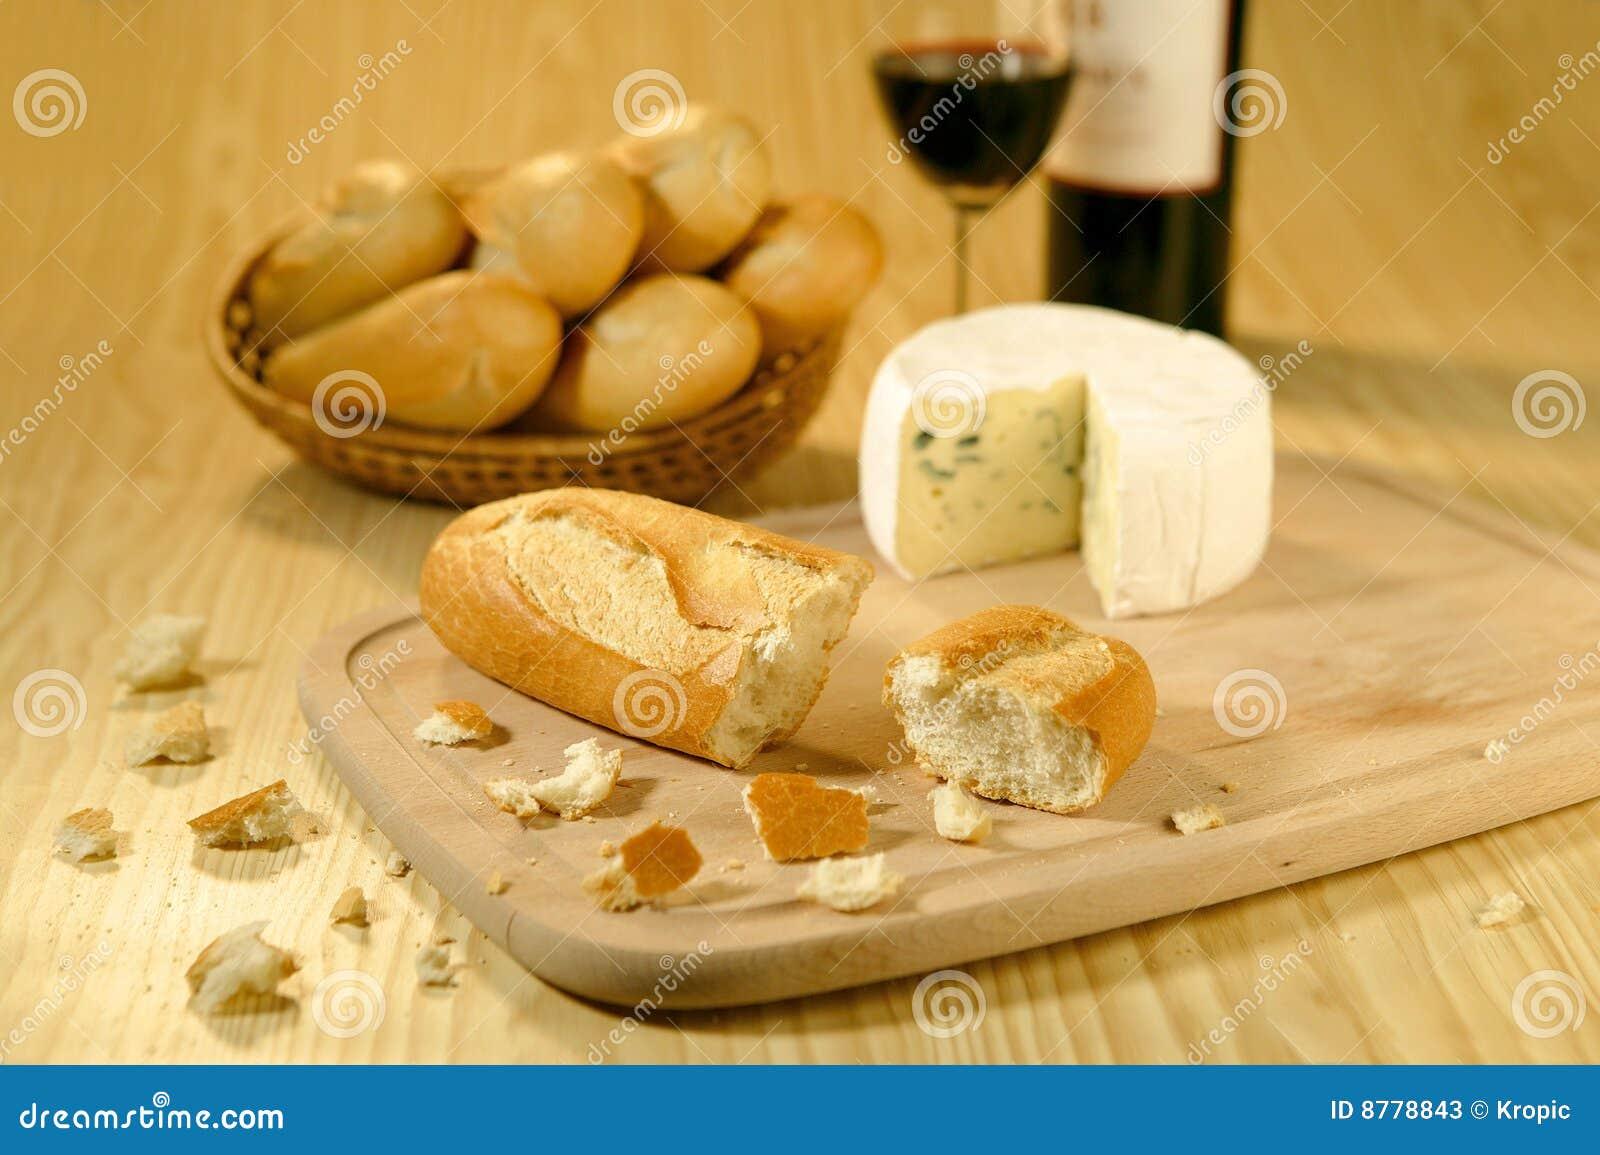 baguettes dans un panier un fromage et un vin image stock image du panier nourriture 8778843. Black Bedroom Furniture Sets. Home Design Ideas